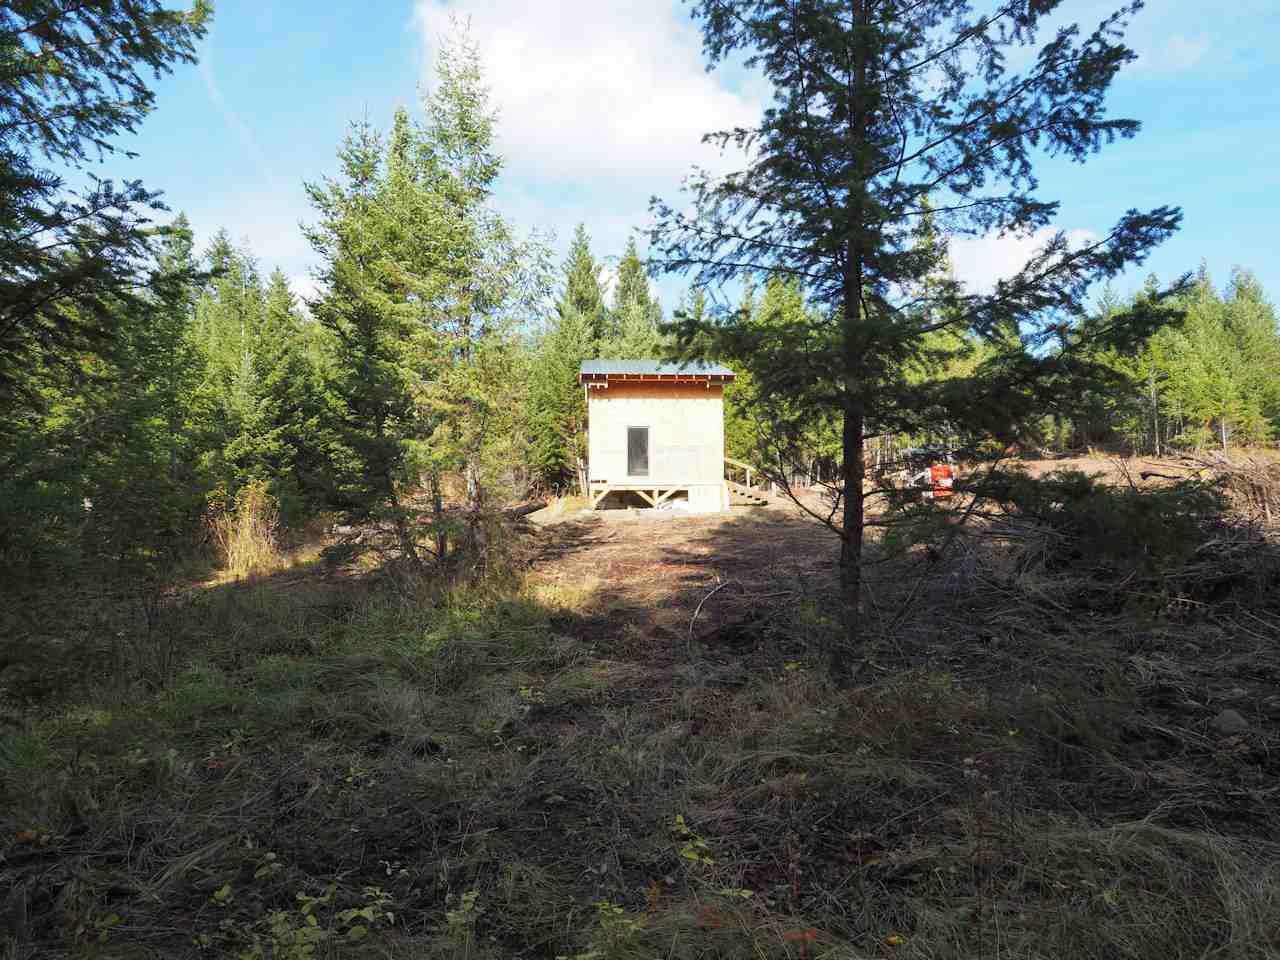 Main Photo: 3628 PARK Place: Lac la Hache Land for sale (100 Mile House (Zone 10))  : MLS®# R2509547